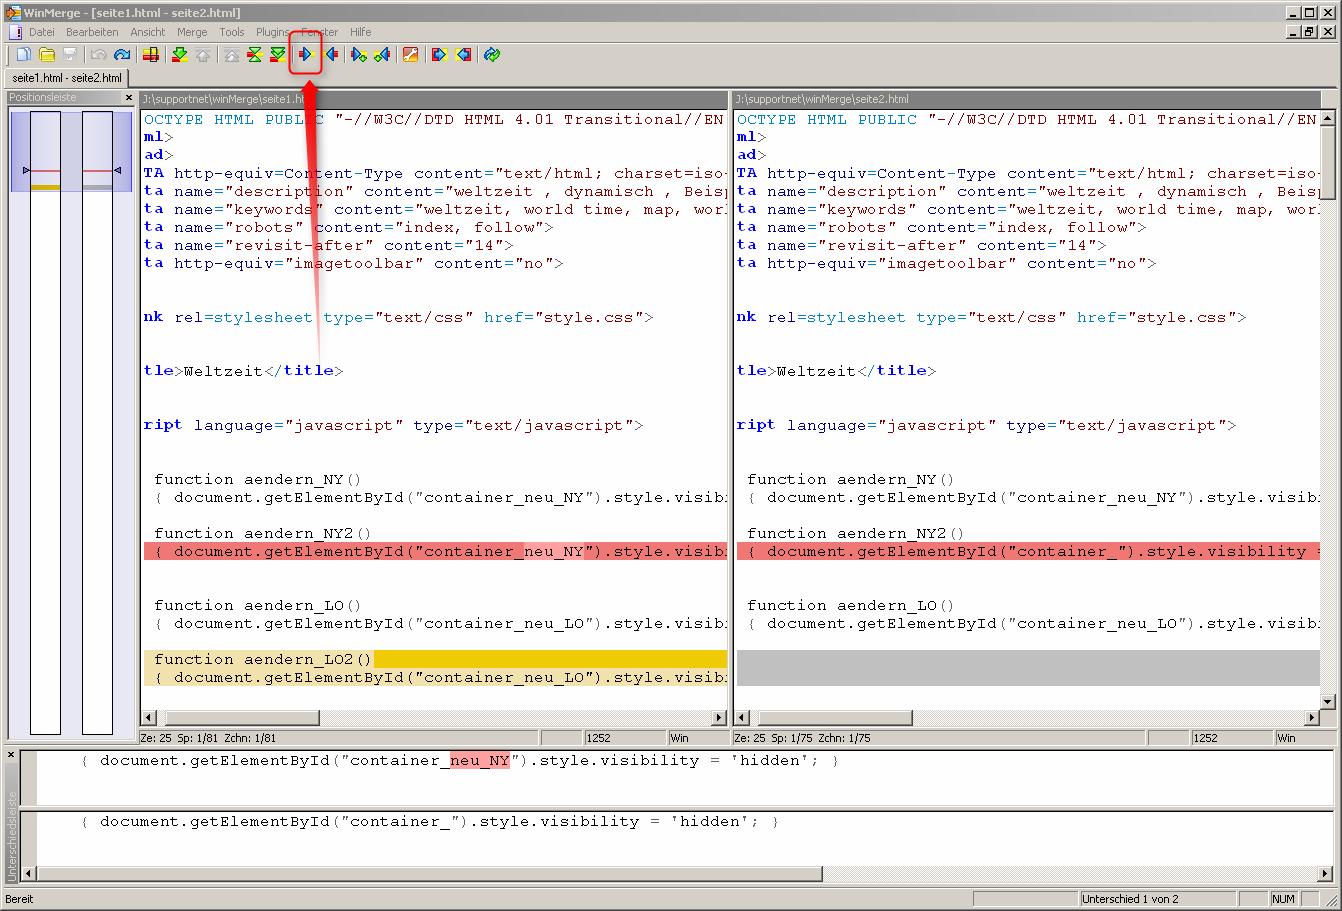 07-Textdateien-und-Ordner-vergleichen-mit-WinMerge-Zeile-nach-rechts-kopieren-470.png